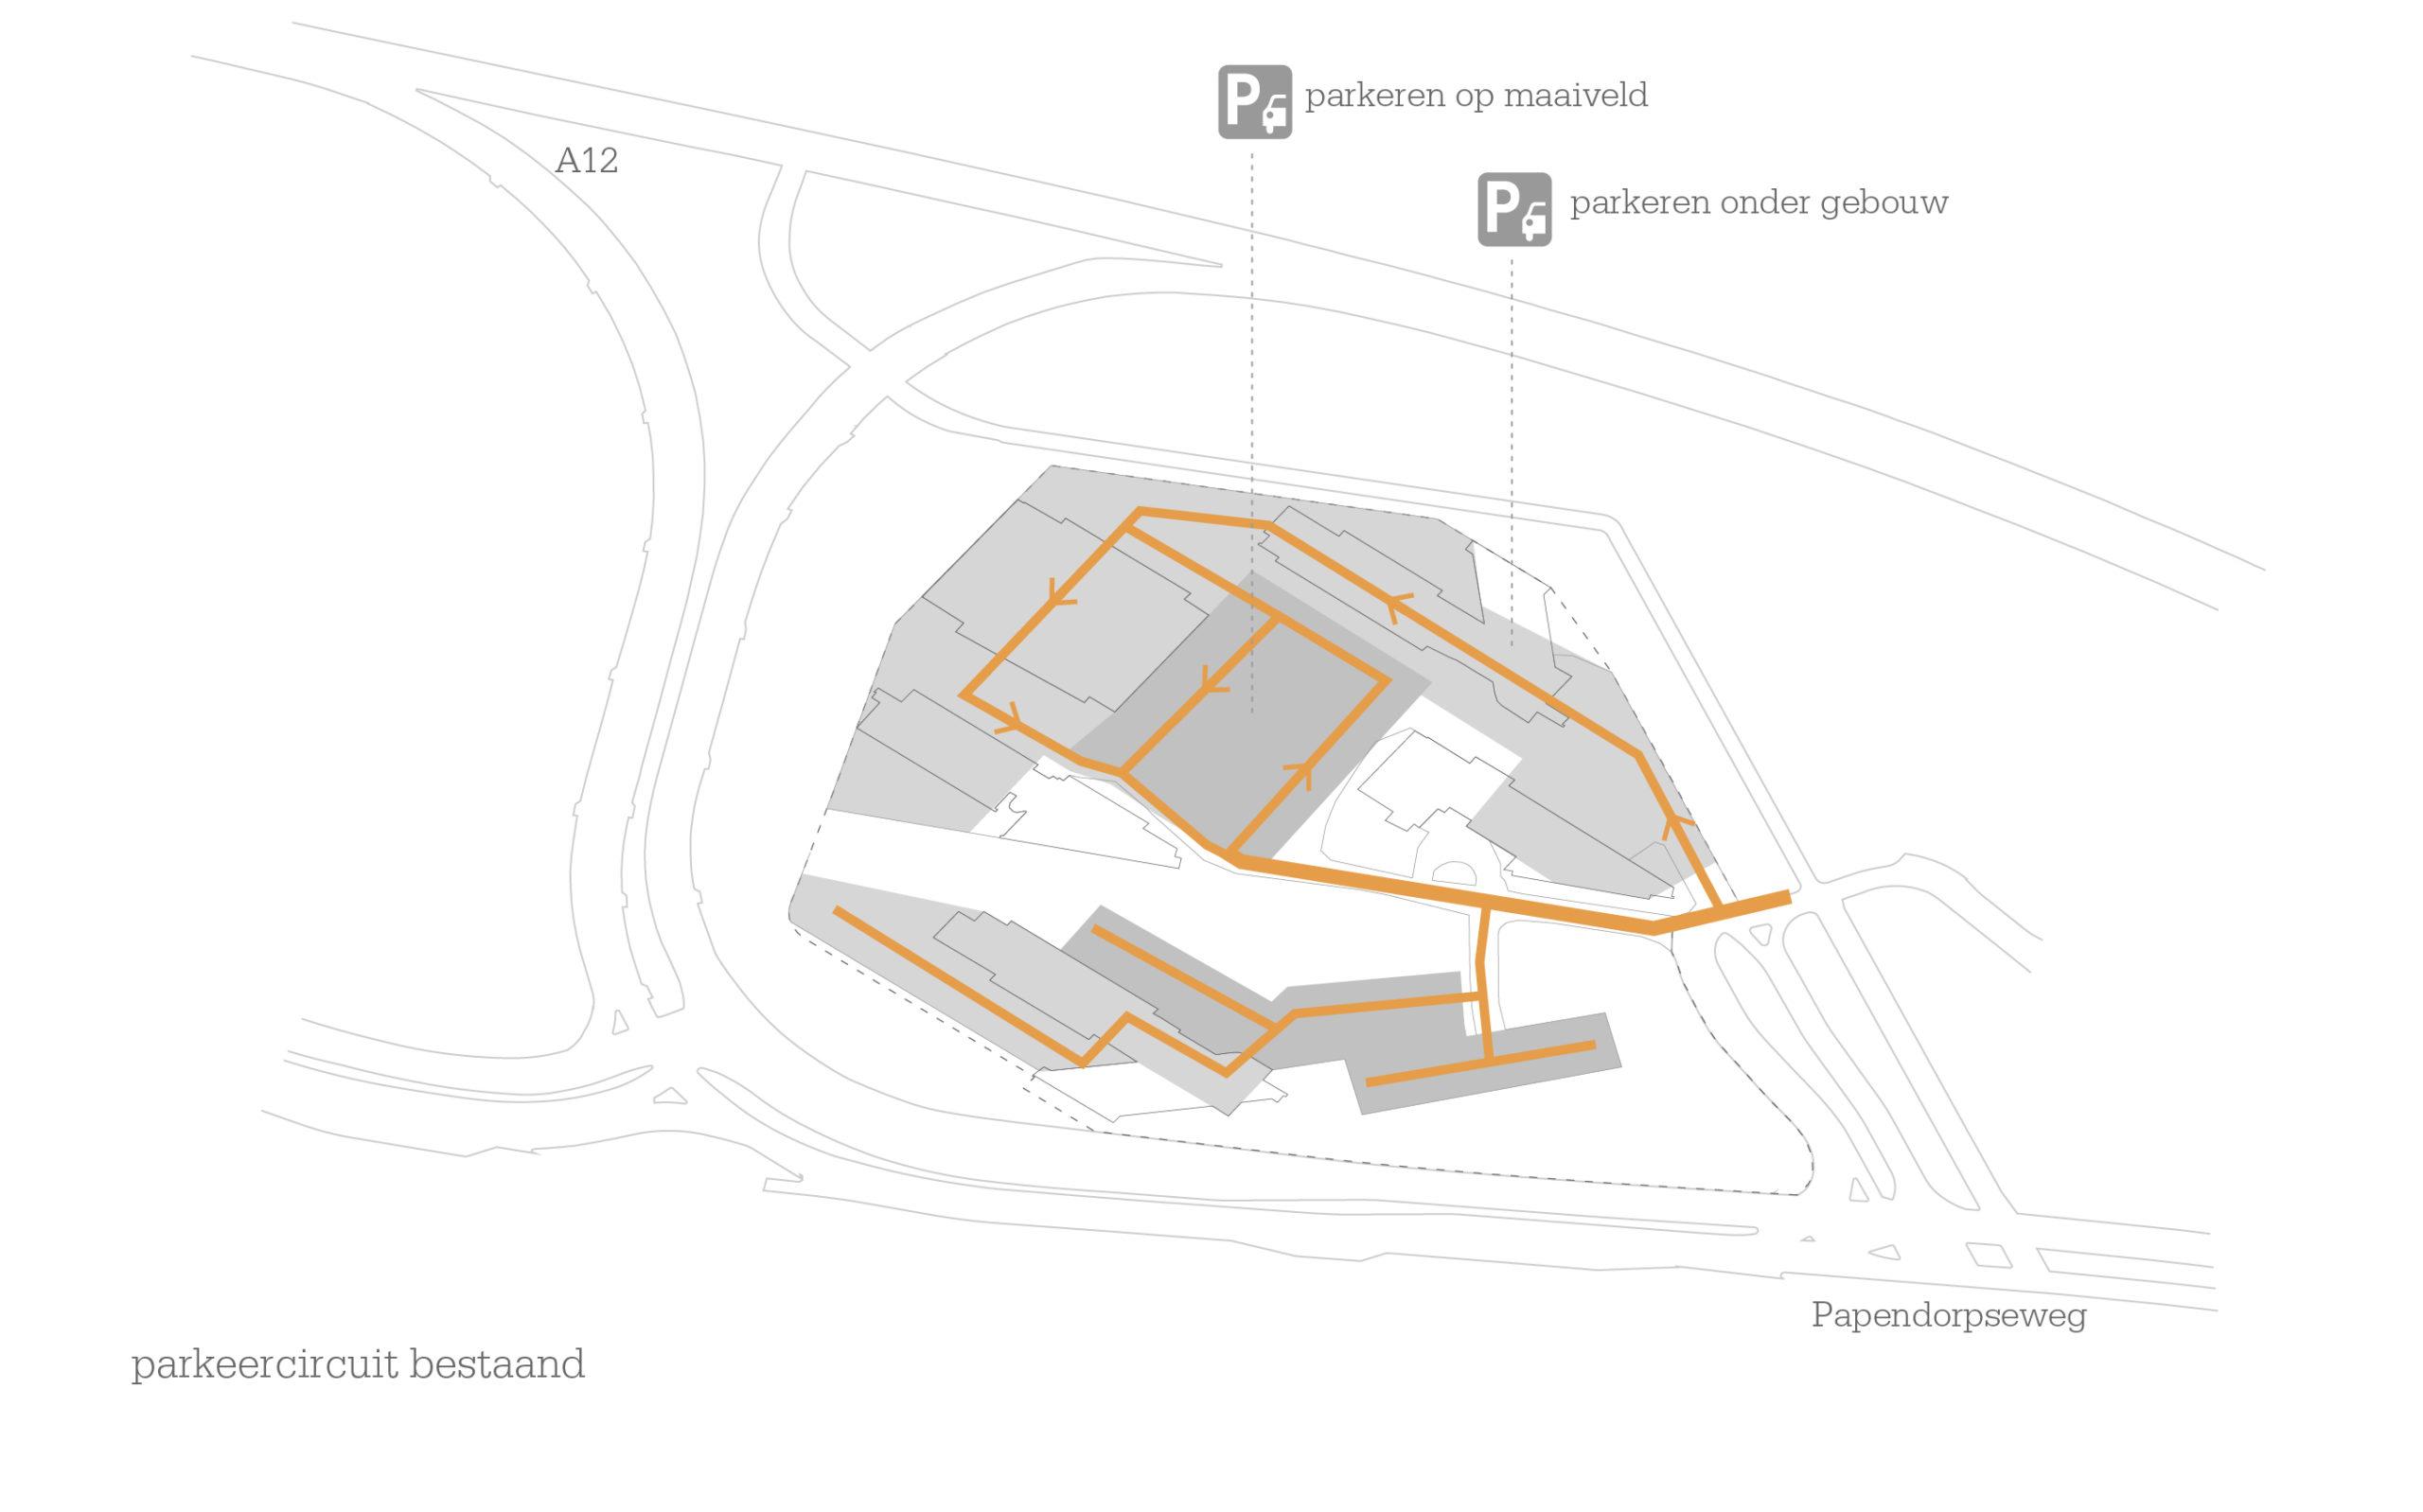 1601-Secoya Campus Utrecht_03-parkeercircuit bestaande situatie